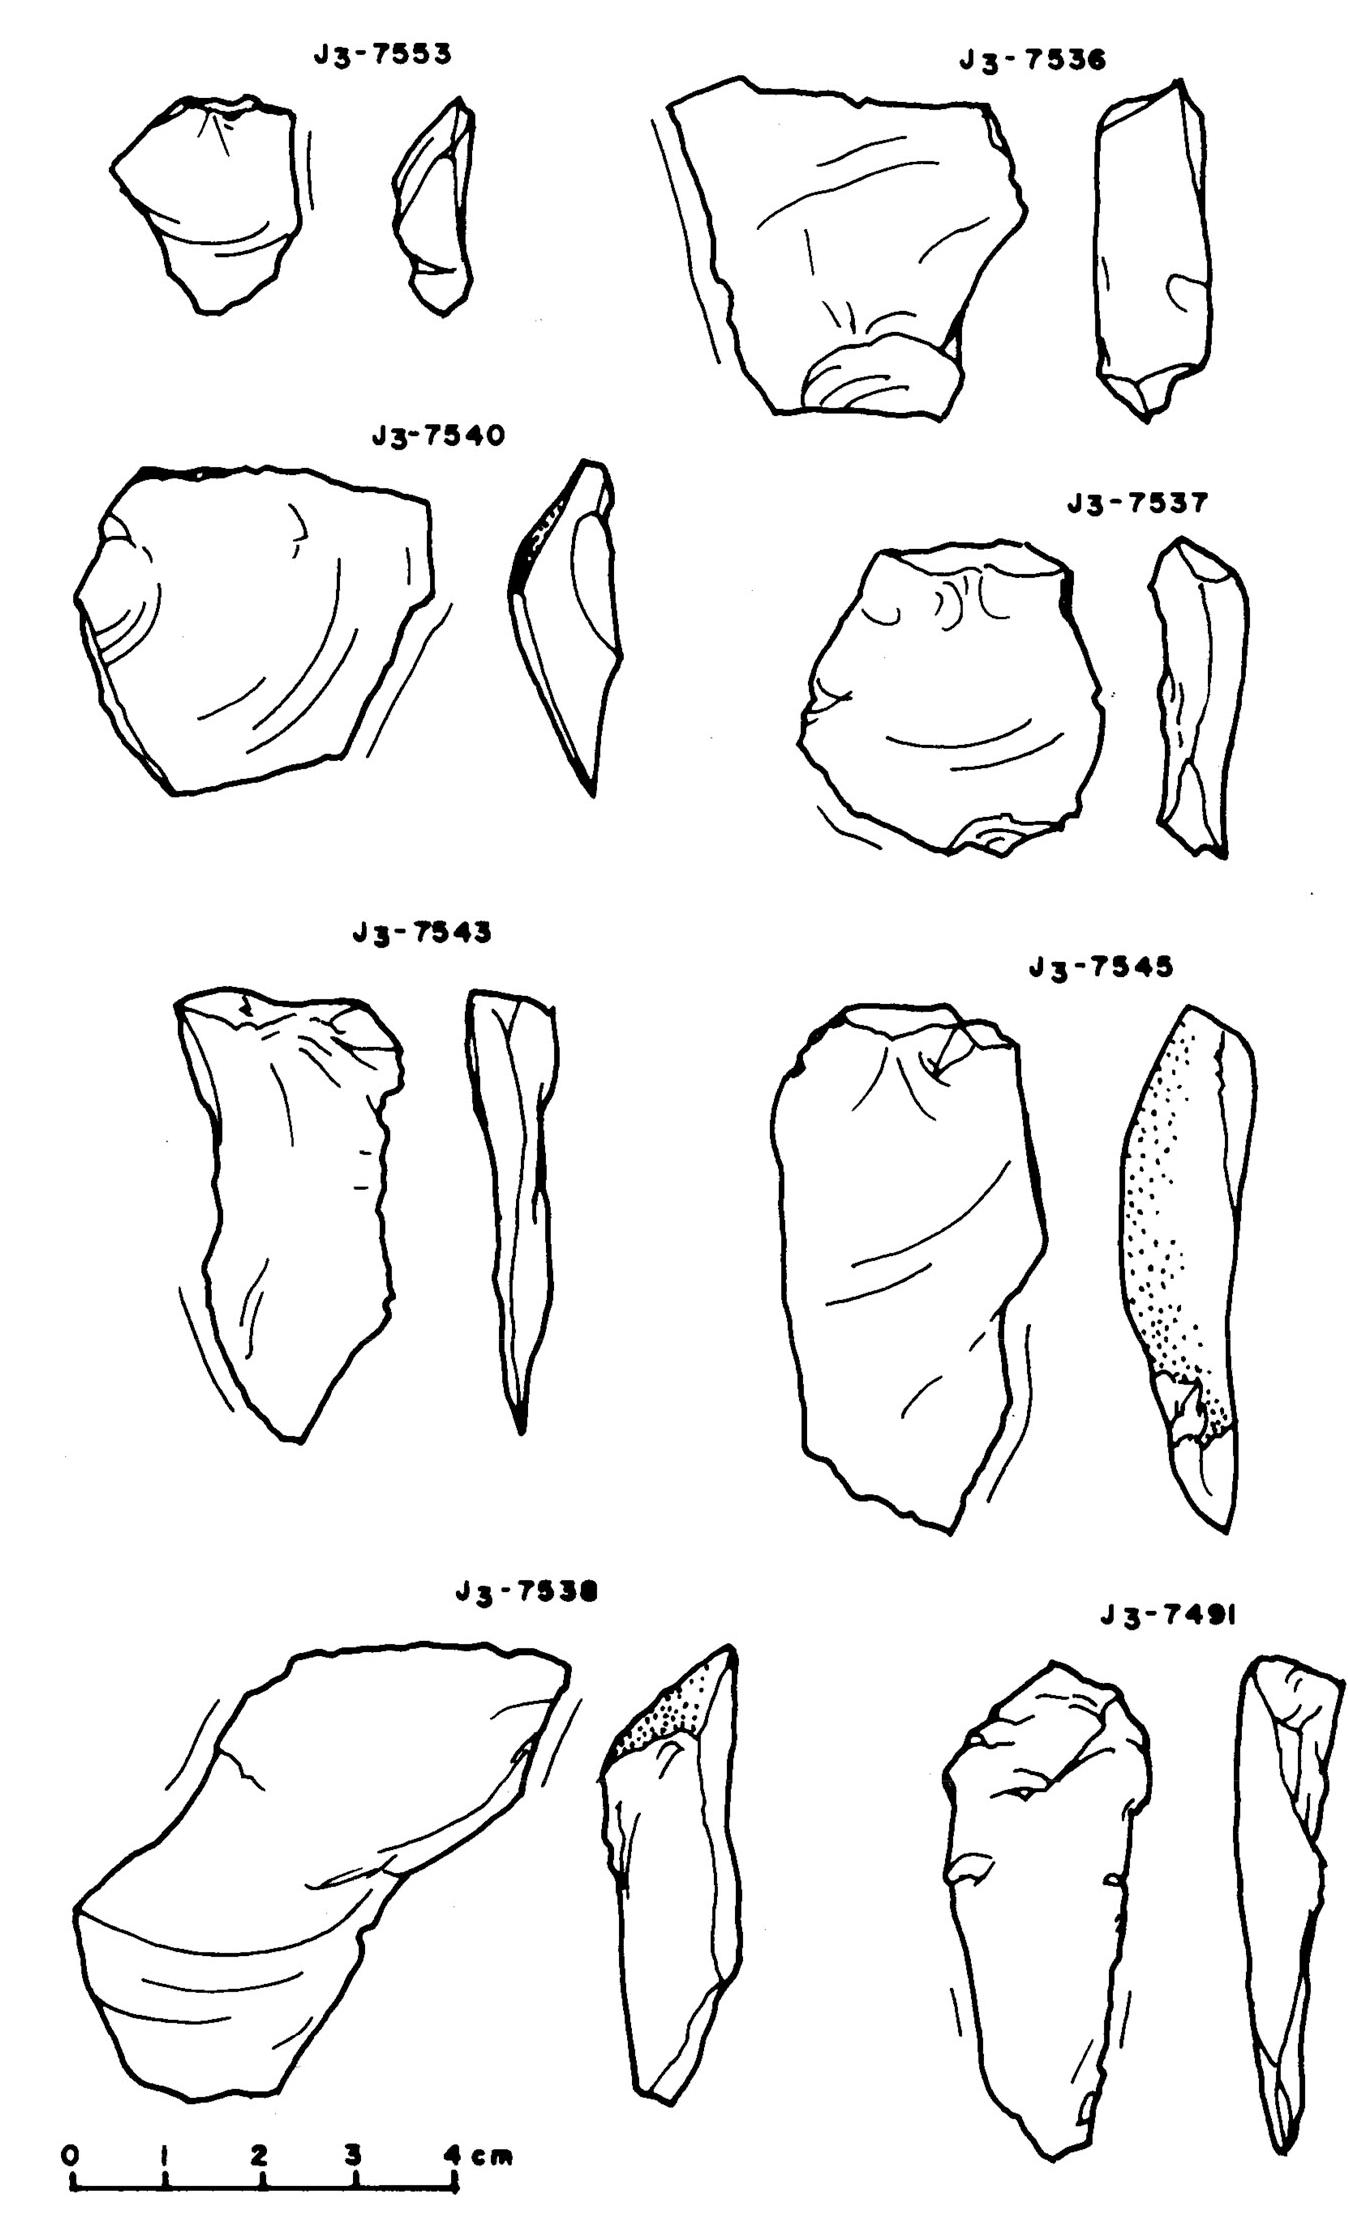 Kő eszközök/pattintékok akeramikus rétegből